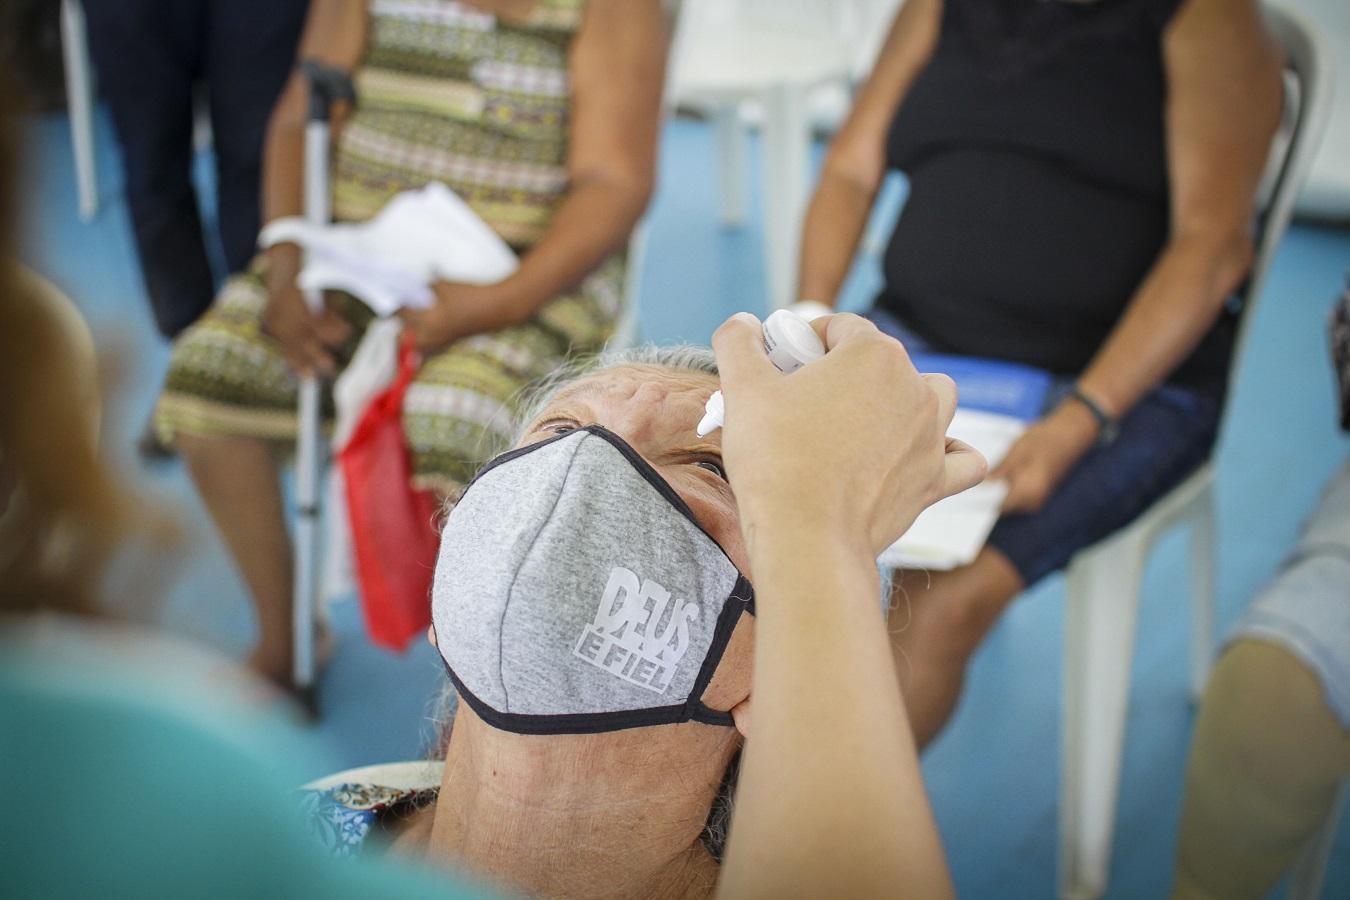 5ª edição do Saúde na Praça, no Parque João Paulo II, em São Luís, teve como foco os atendimentos oftalmológicos (Foto: Laécio Fontenele)